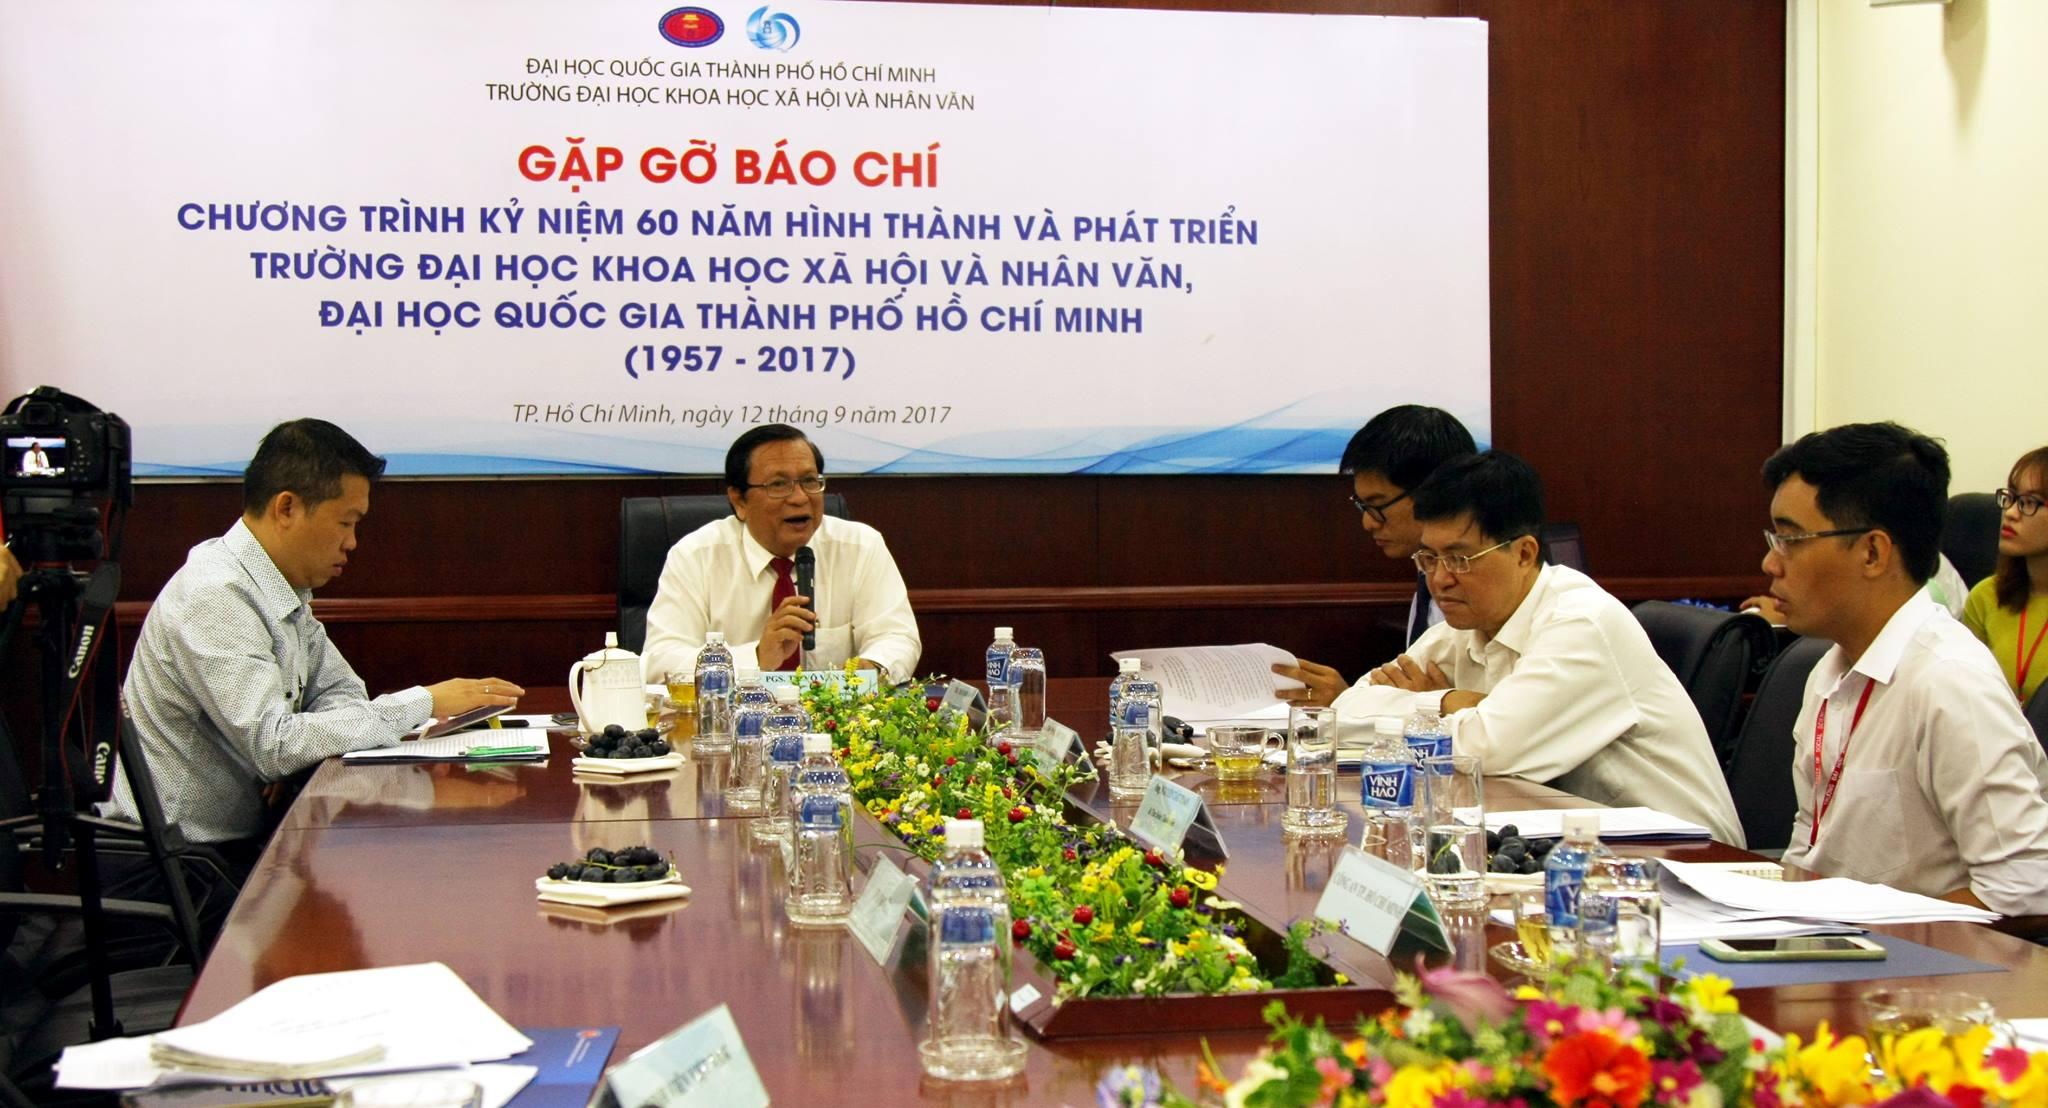 ĐH KHXH&NV TP.HCM công bố danh sách 60 cựu sinh viên tiêu biểu - Ảnh 1.